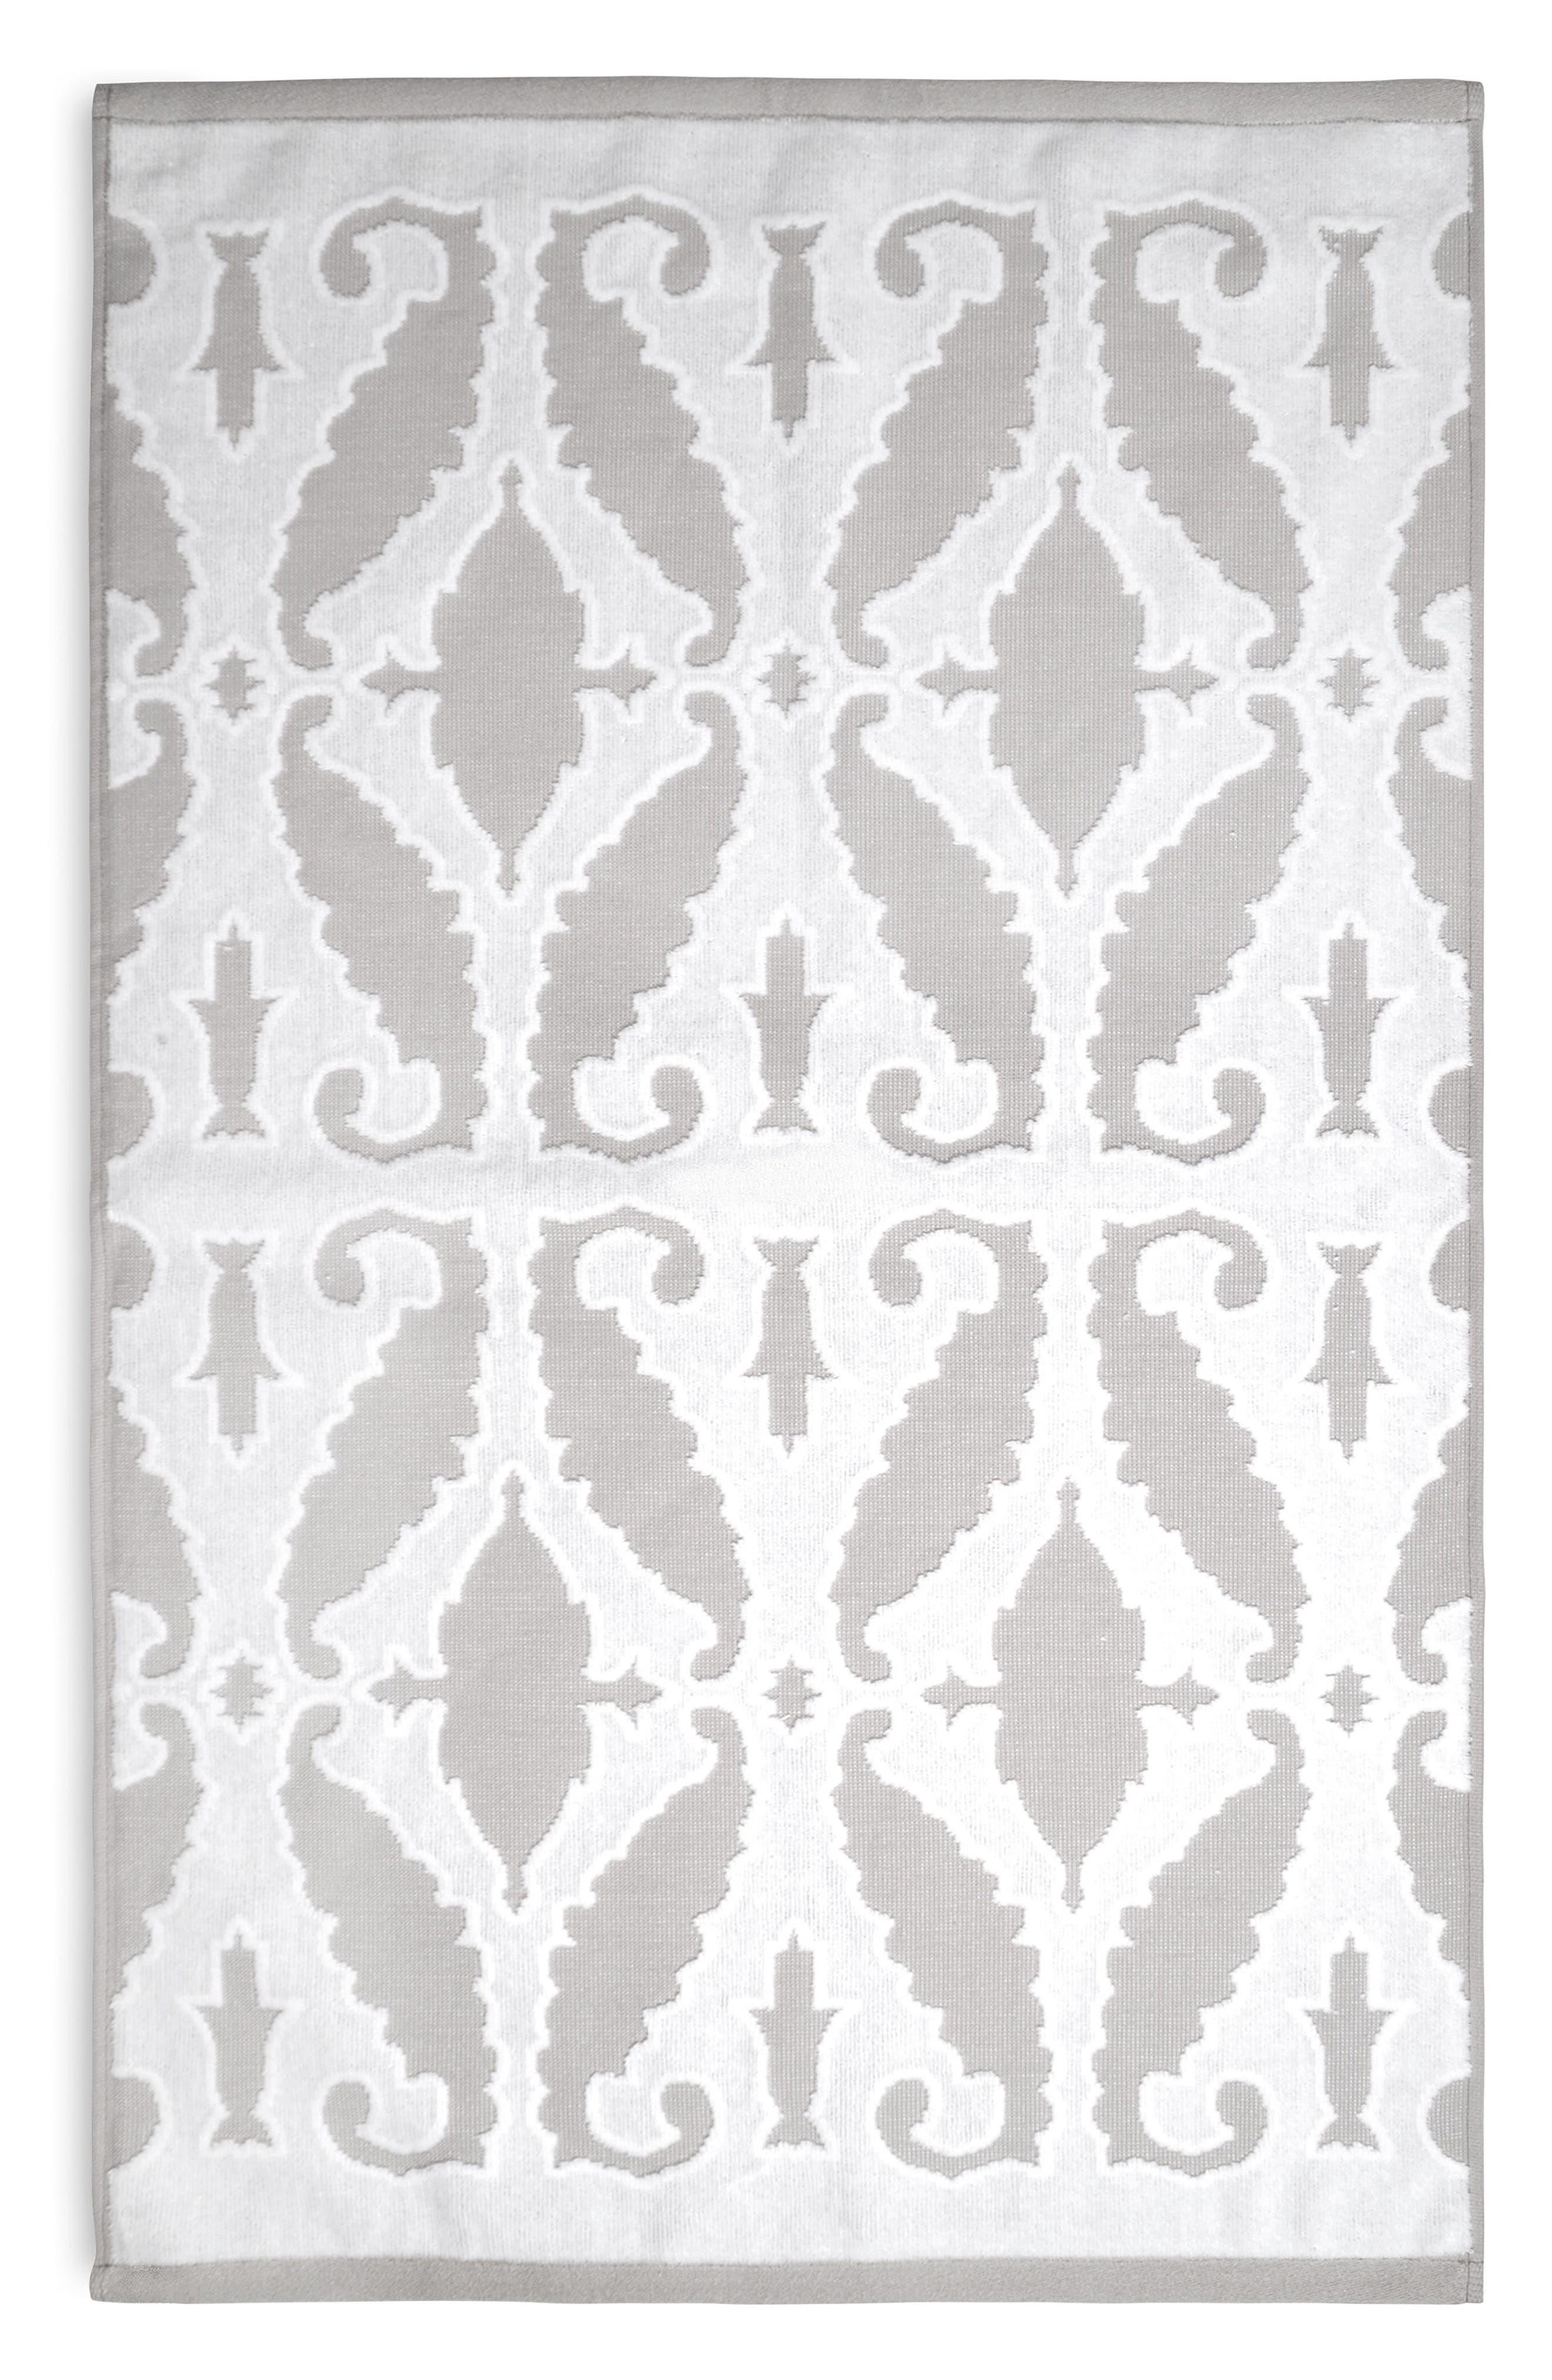 Khoma Hand Towel,                             Main thumbnail 1, color,                             020